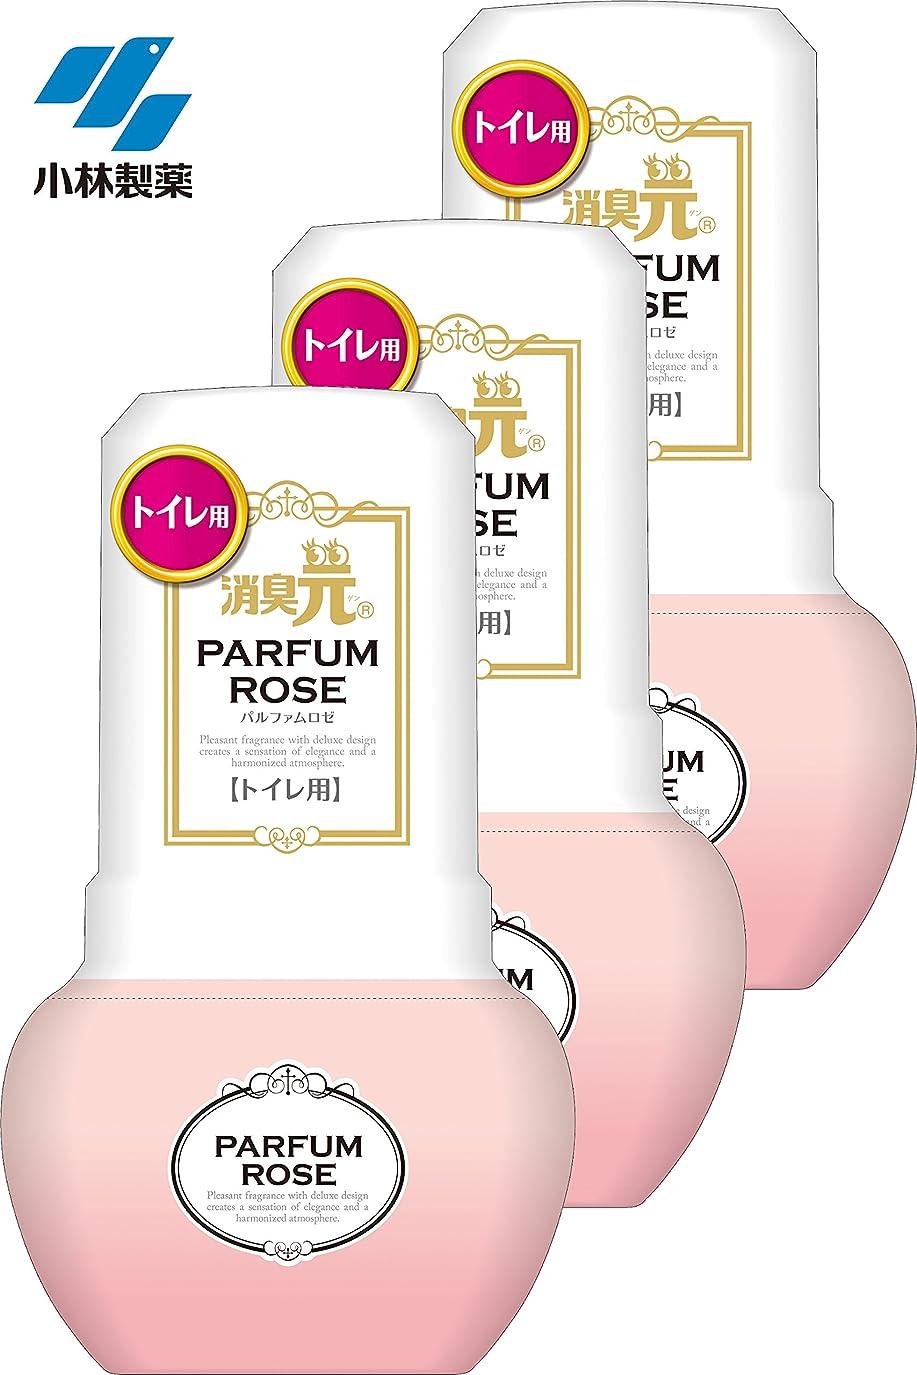 ストレージ比較的シンボル【まとめ買い】トイレの消臭元 消臭芳香剤 トイレ用 パルファムロゼ 400ml×3個